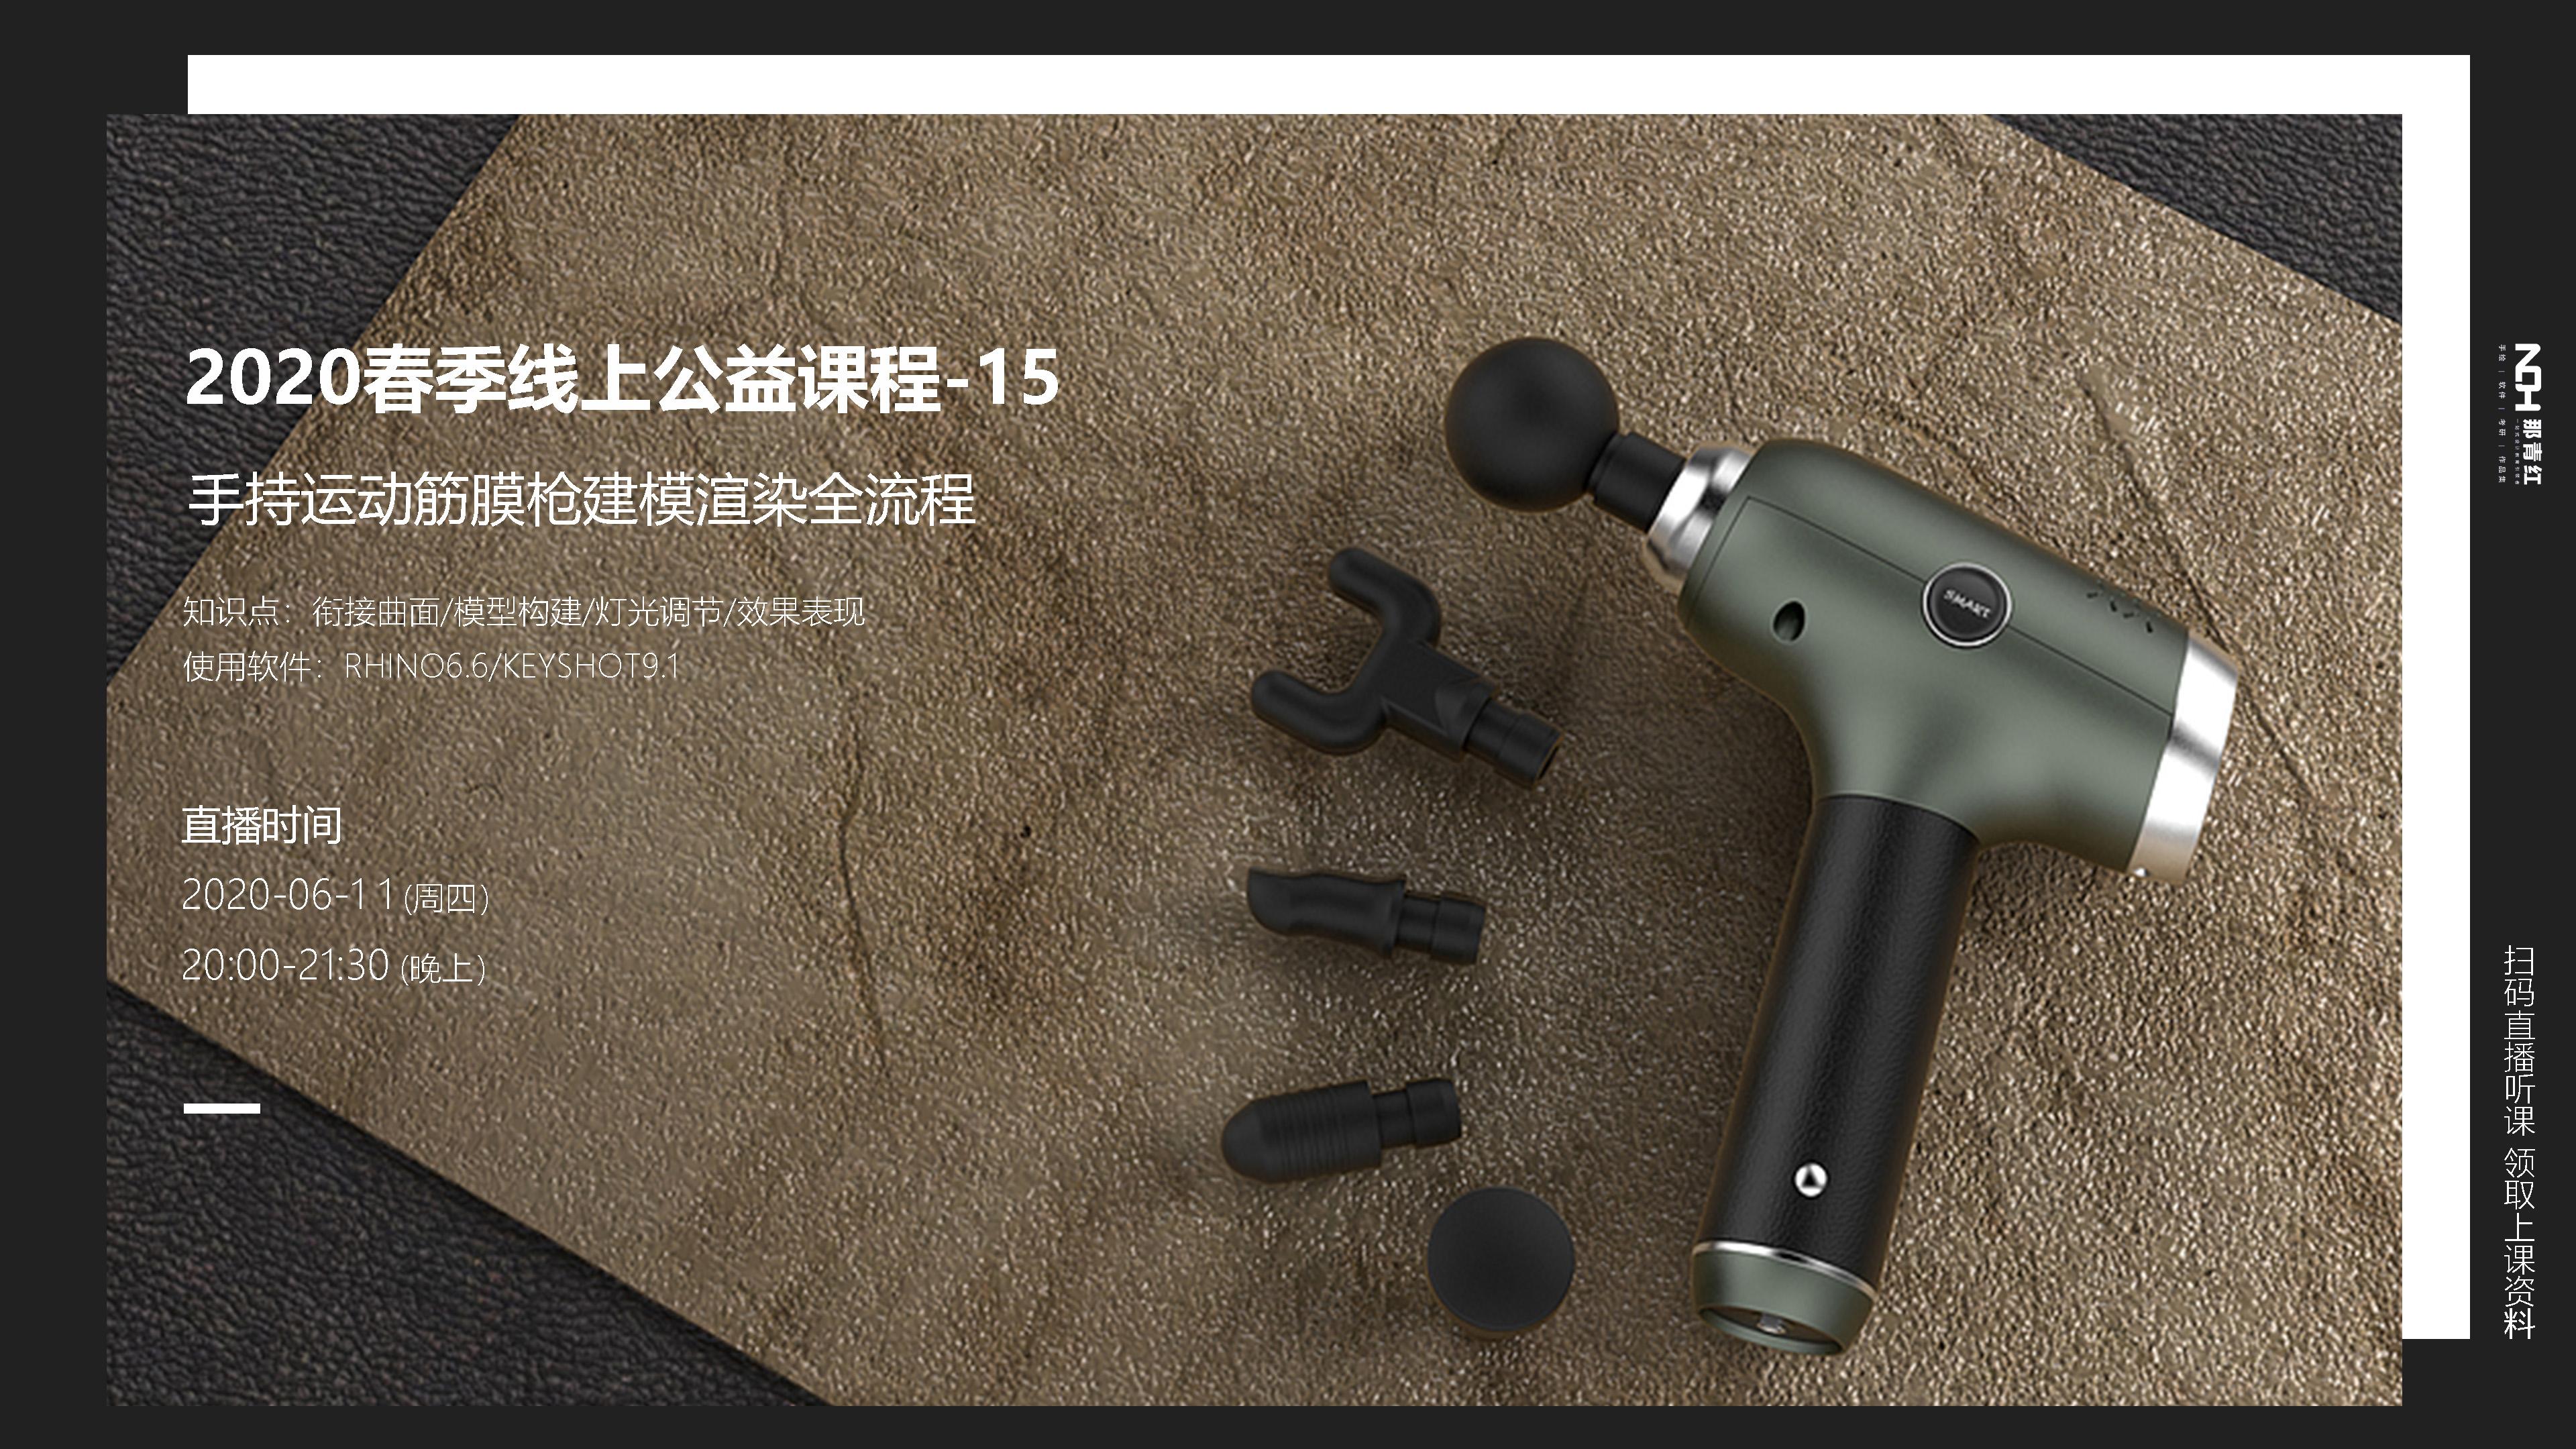 手持运动筋膜枪-Rhino犀牛建模/Keyshot产品渲染